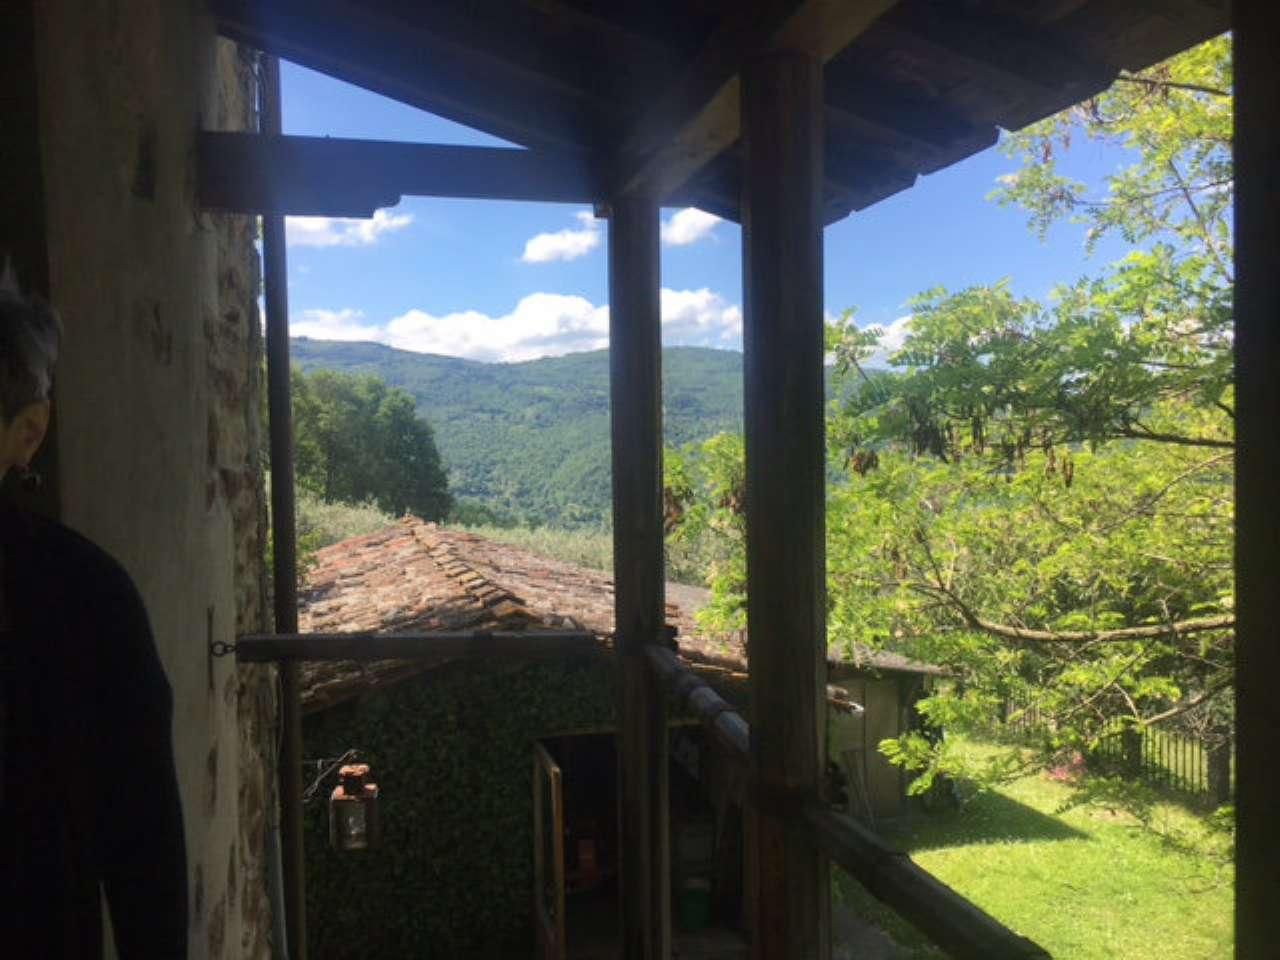 Rustico / Casale in vendita a Rufina, 7 locali, prezzo € 195.000 | Cambio Casa.it